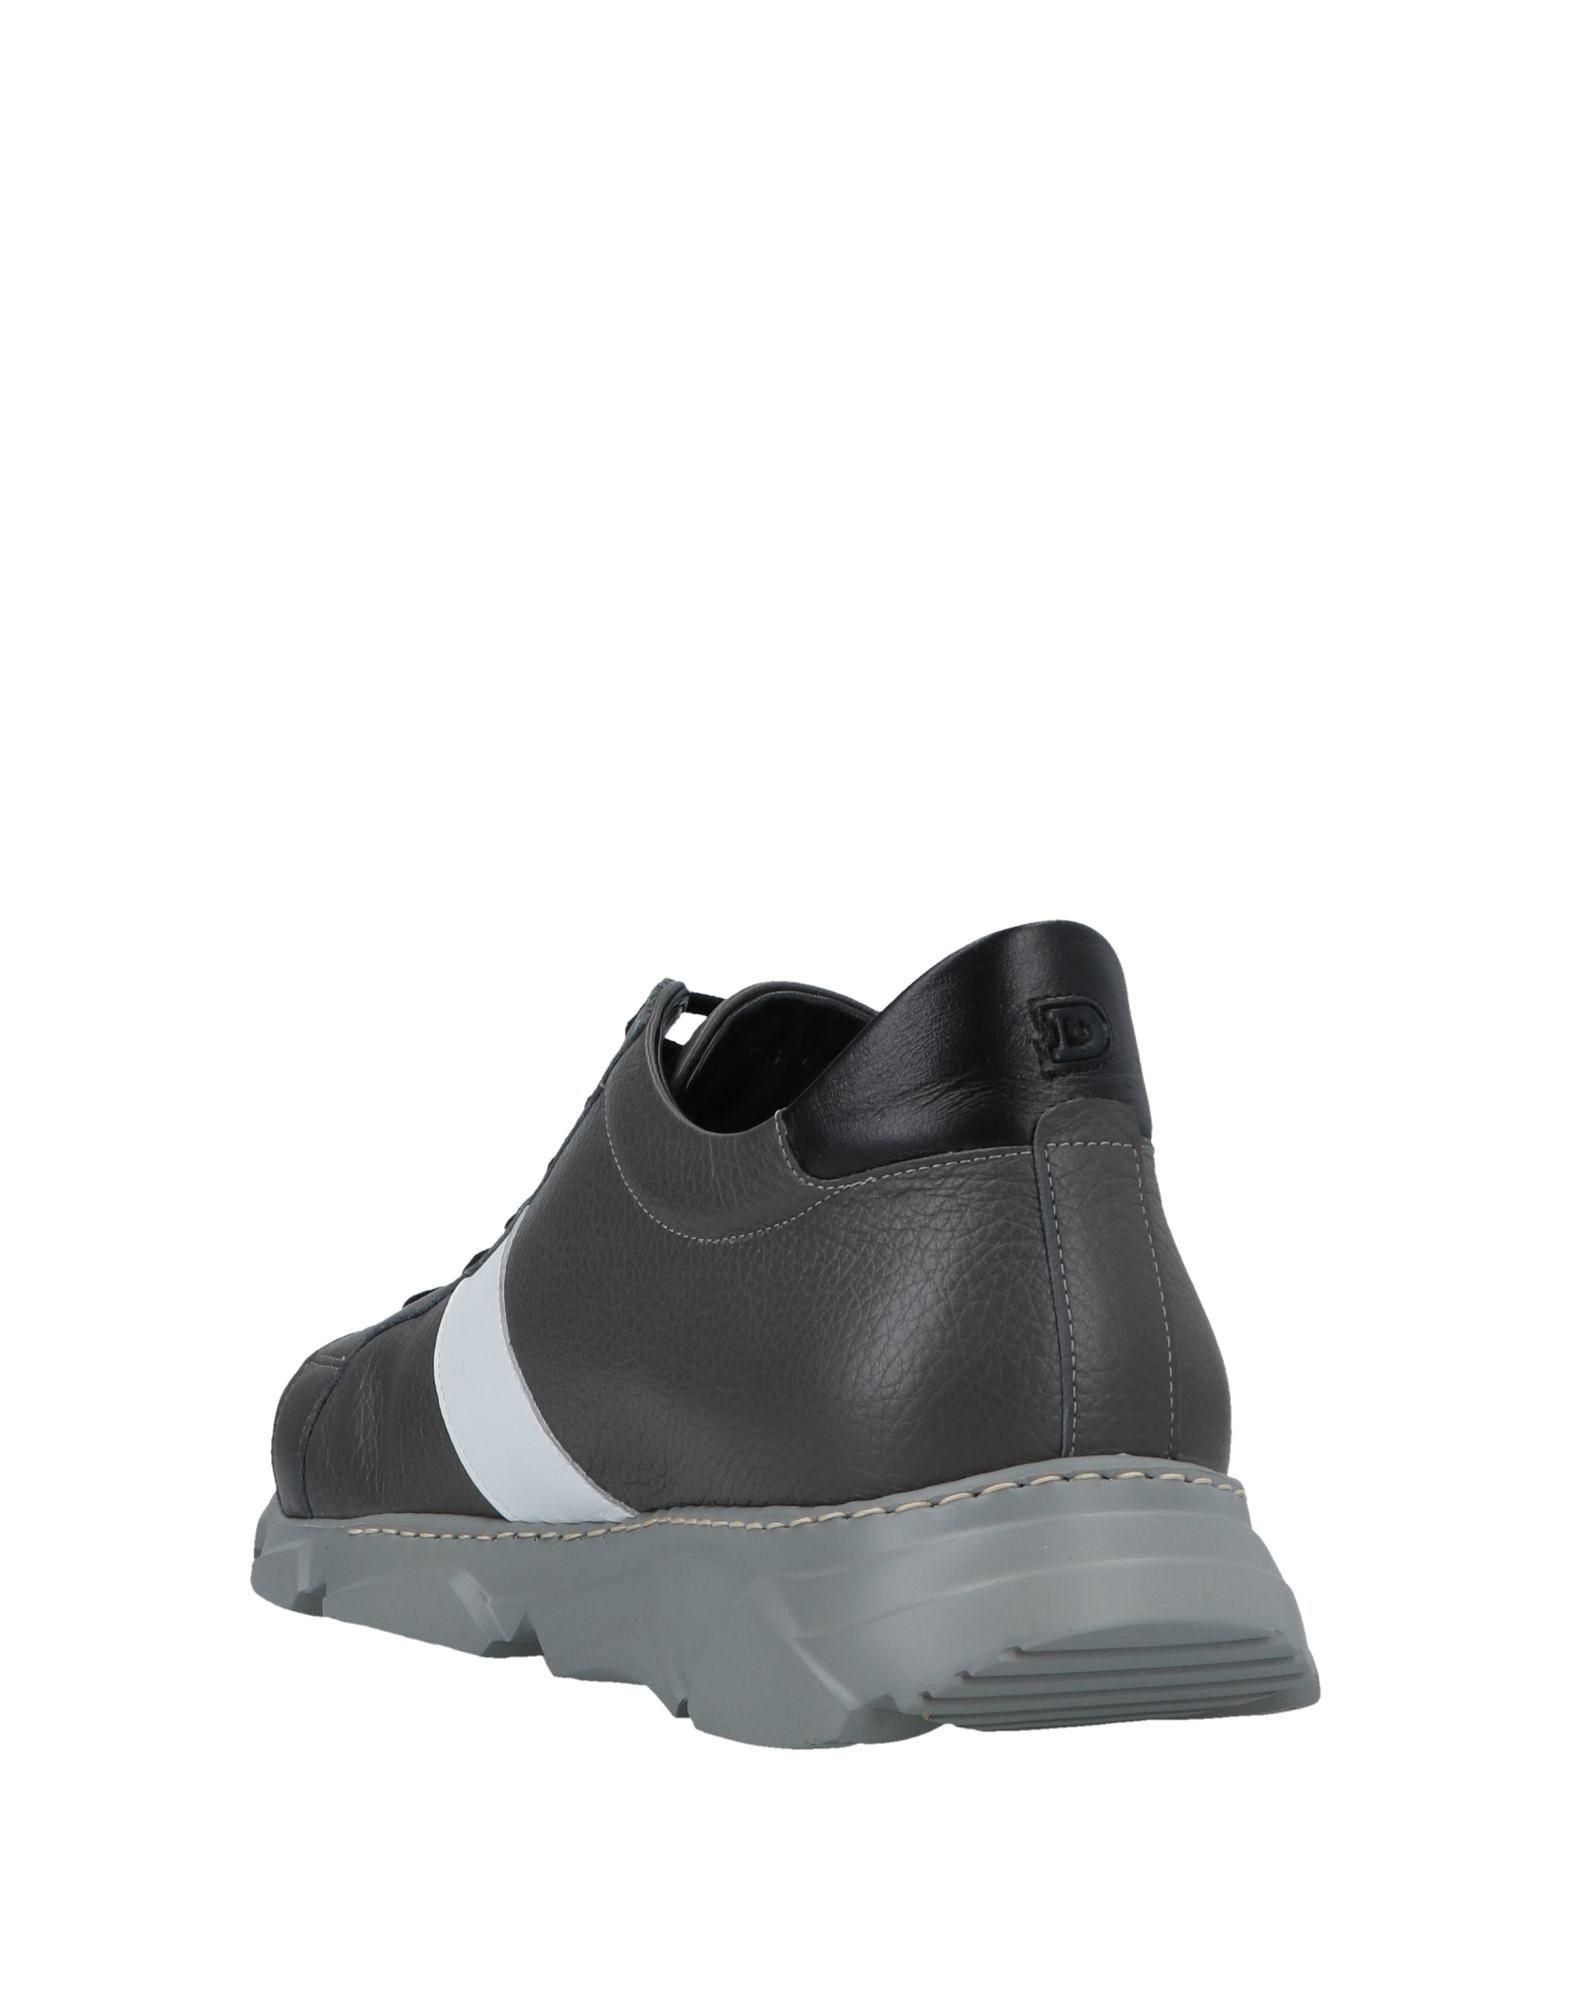 Dibrera By Paolo Zanoli Sneakers es Herren Gutes Preis-Leistungs-Verhältnis, es Sneakers lohnt sich 2f427f